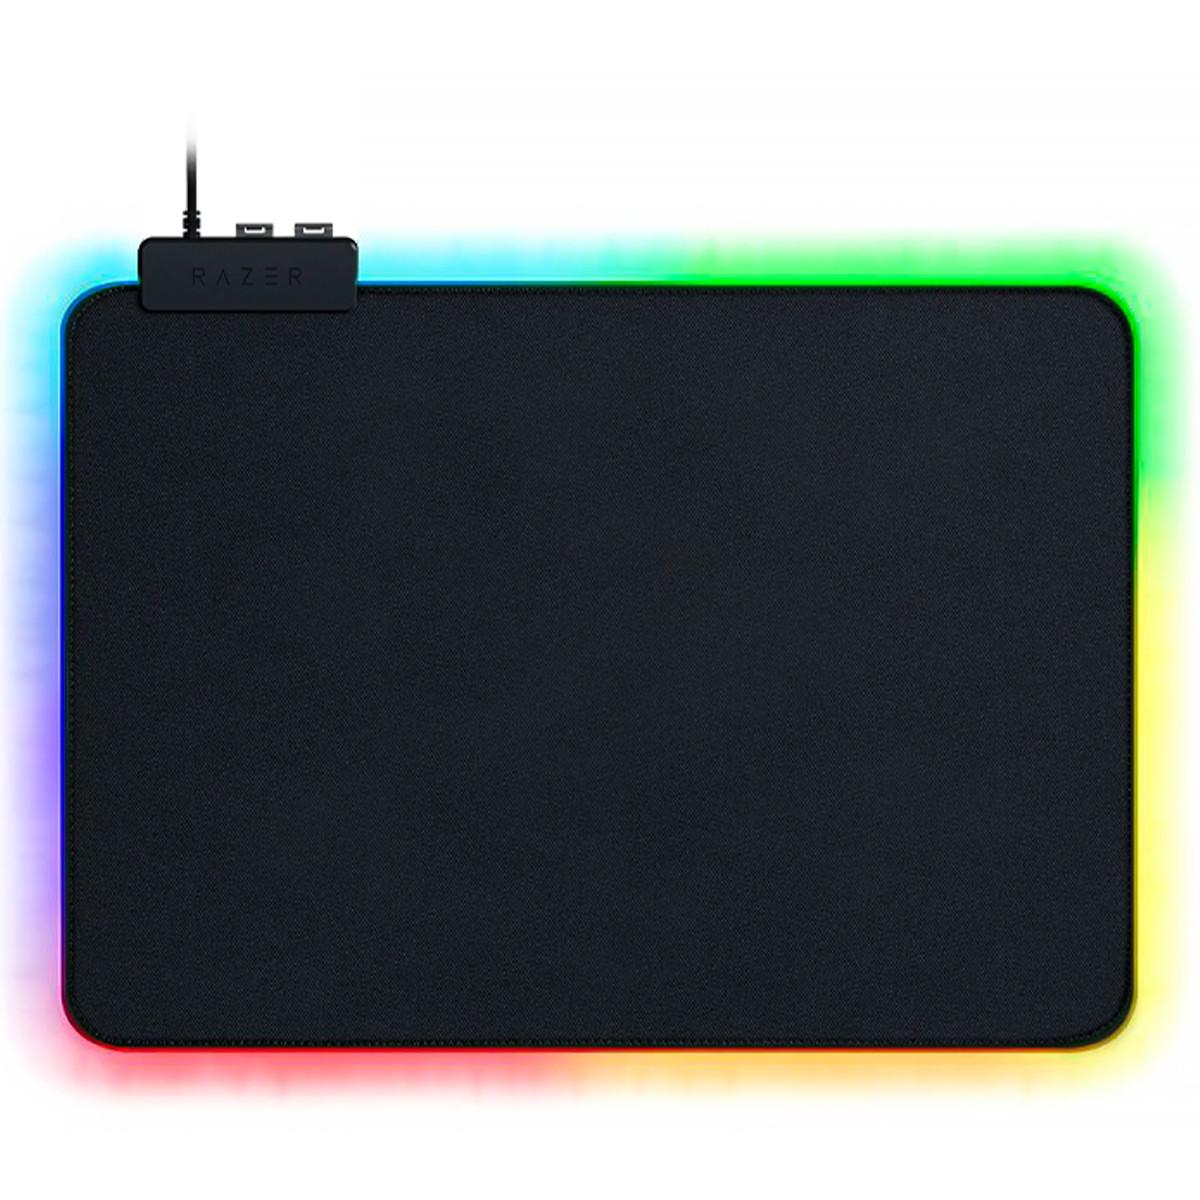 Игровой коврик для мыши Razer Goliathus CHROMA 355х255х3 с RGB подсветкой